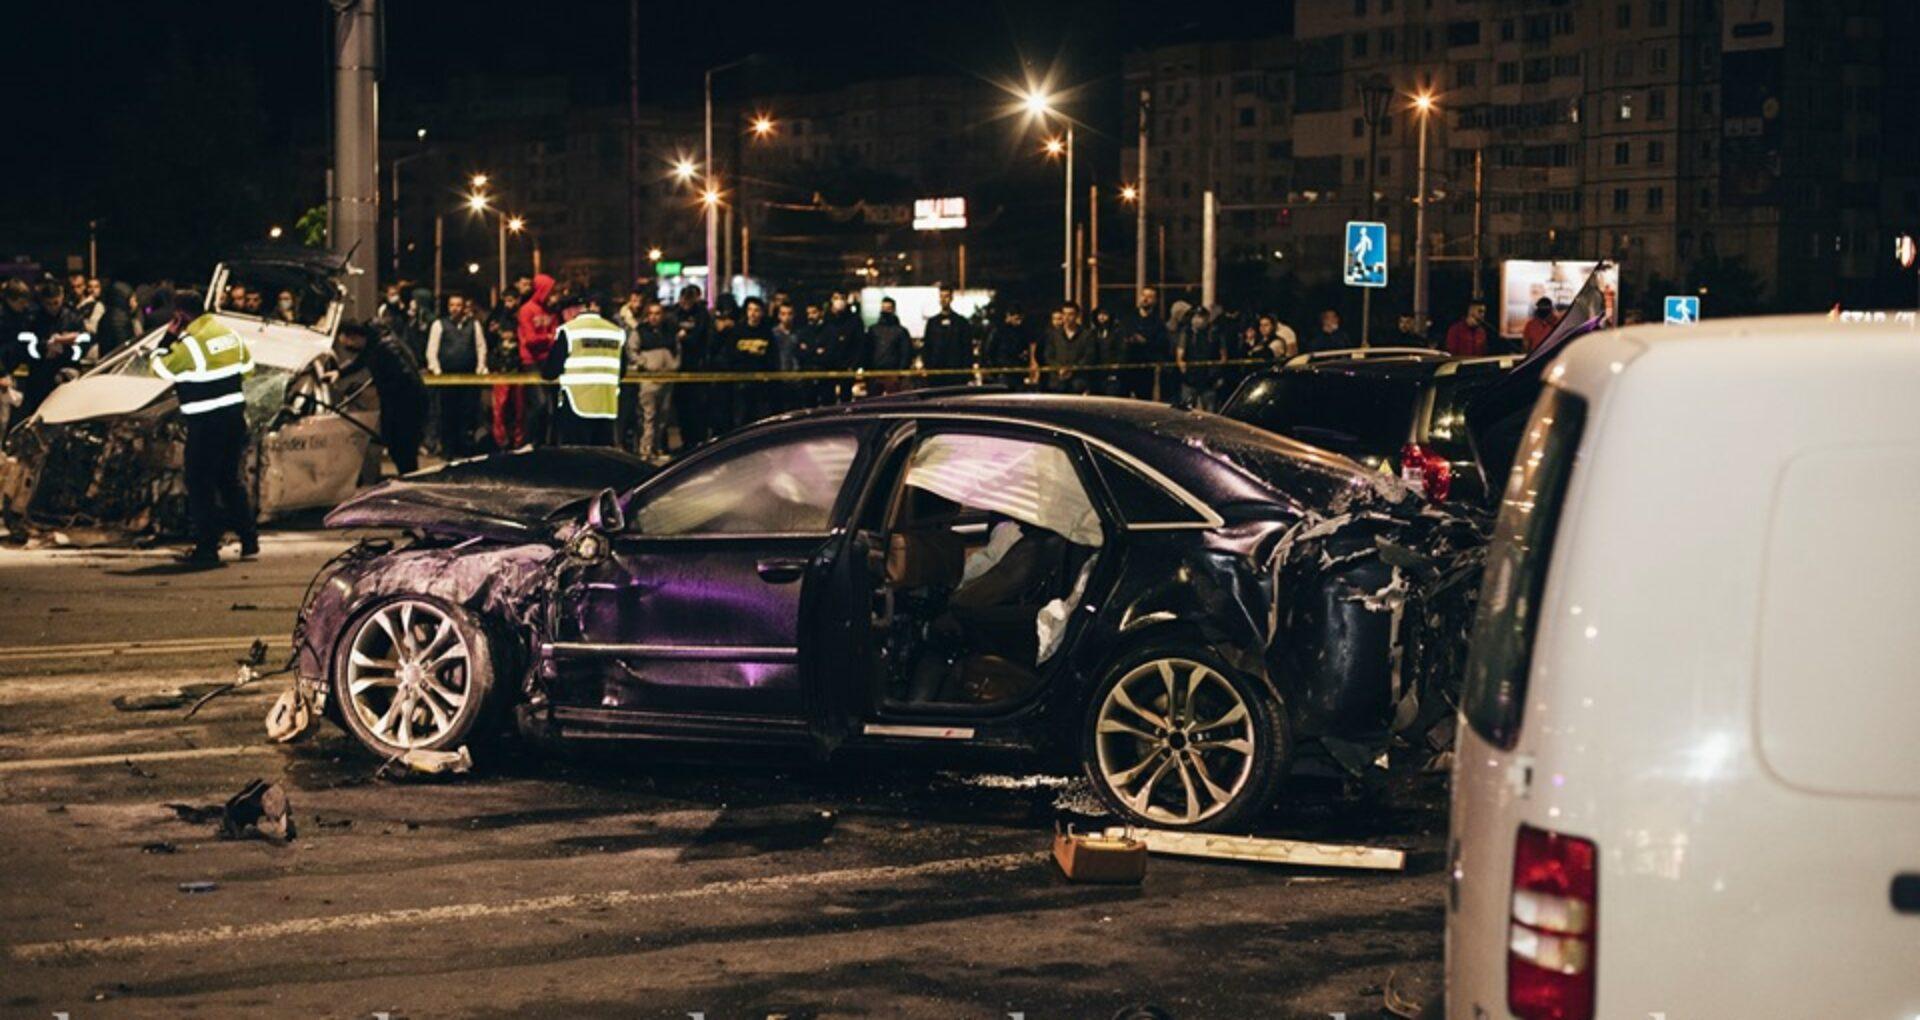 Fotoreportaj/ Accidentul de pe bulevardul Ștefan cel Mare. Imagini care pot afecta emoțional